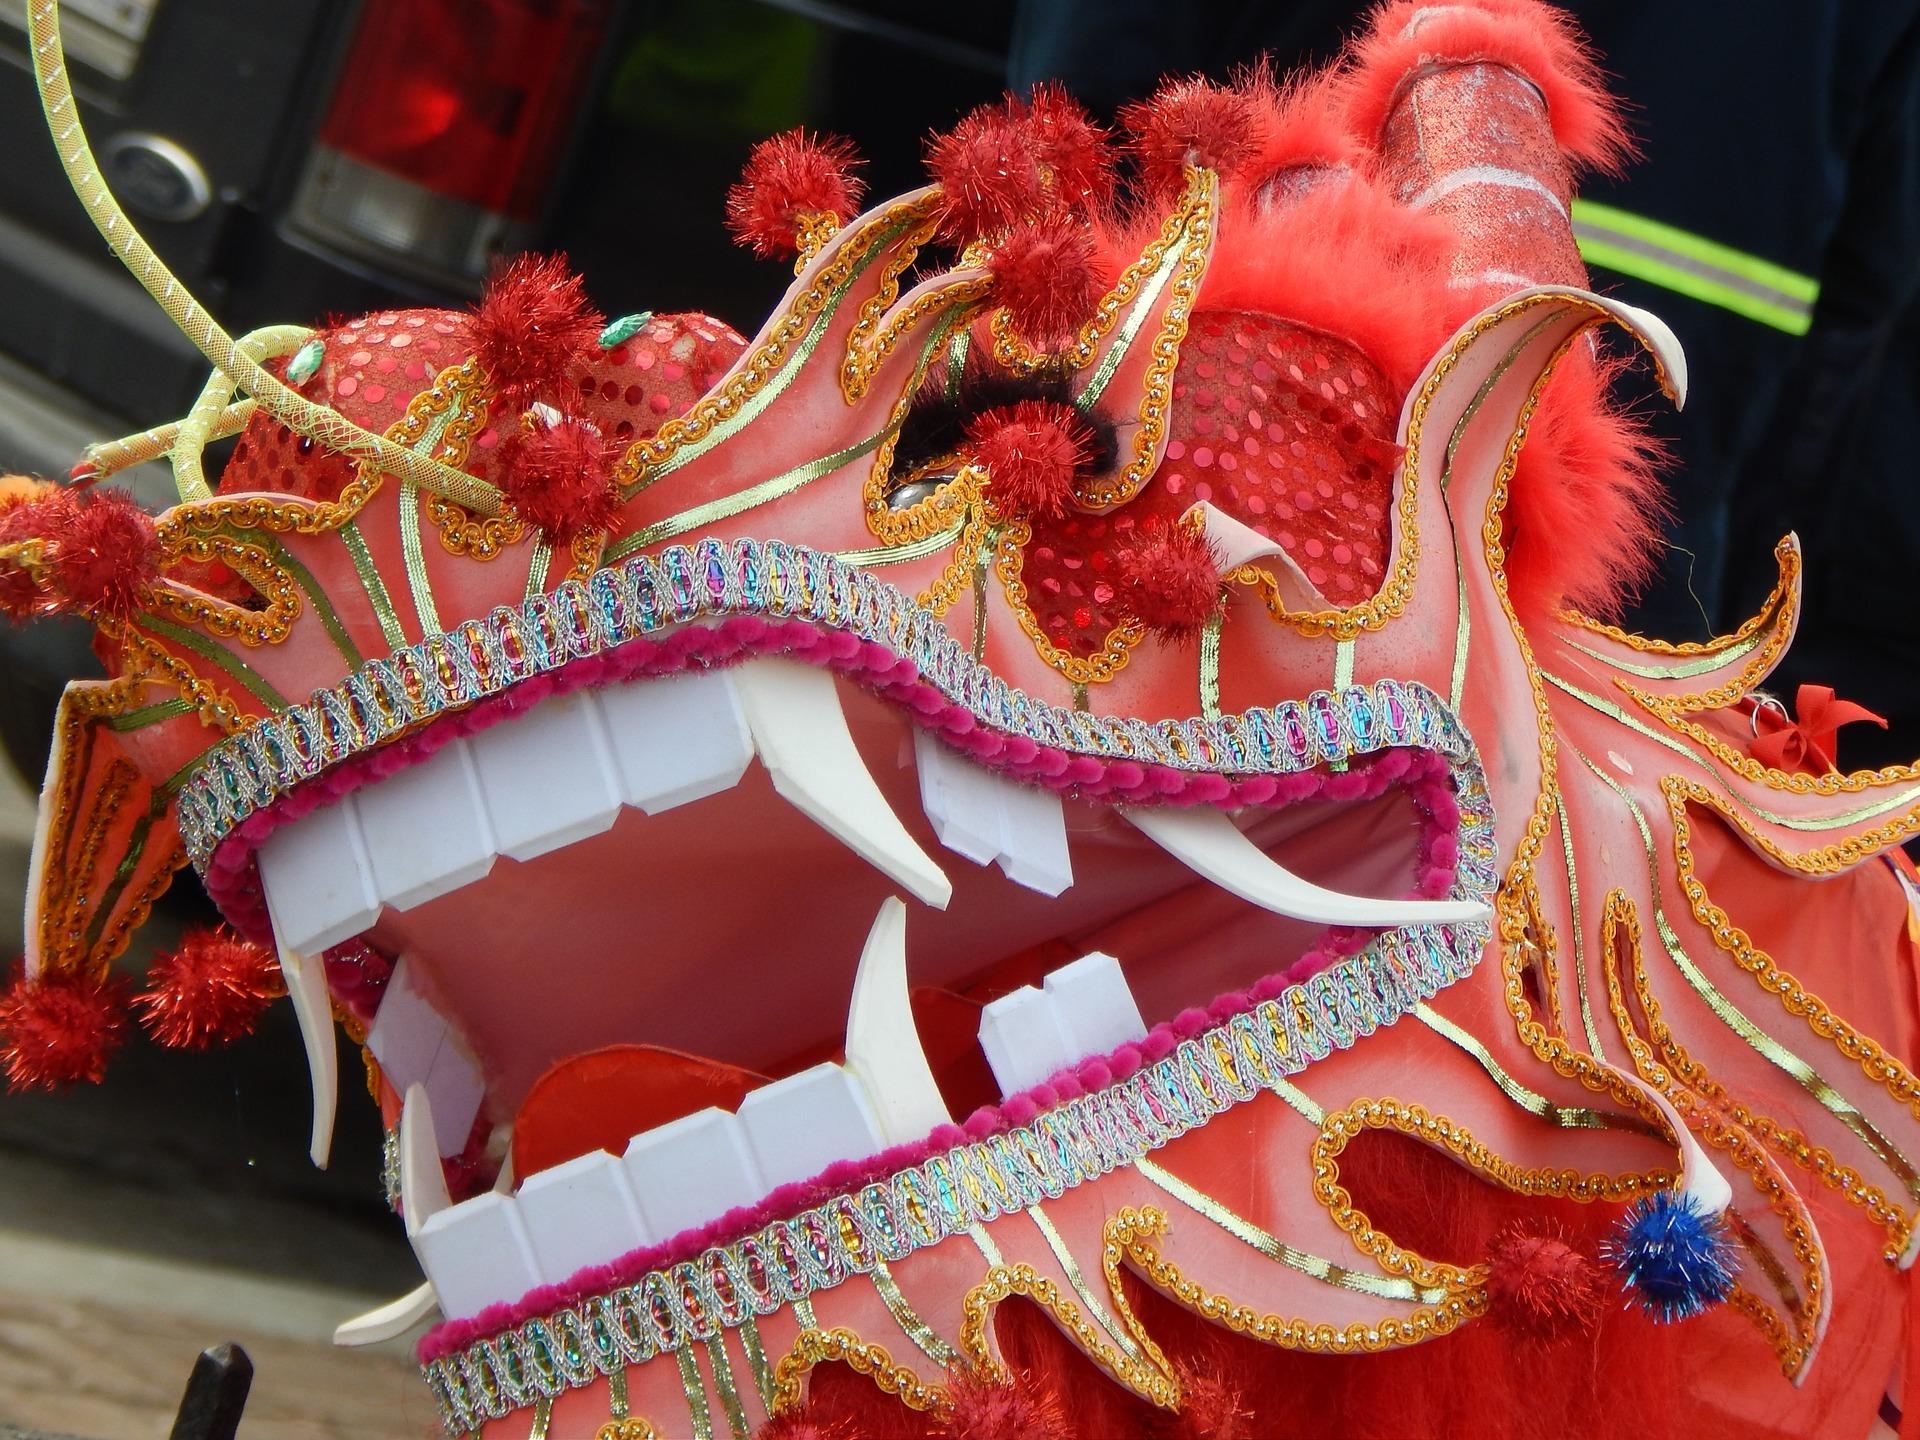 Año nuevo chino y la importancia de la cultura china en España